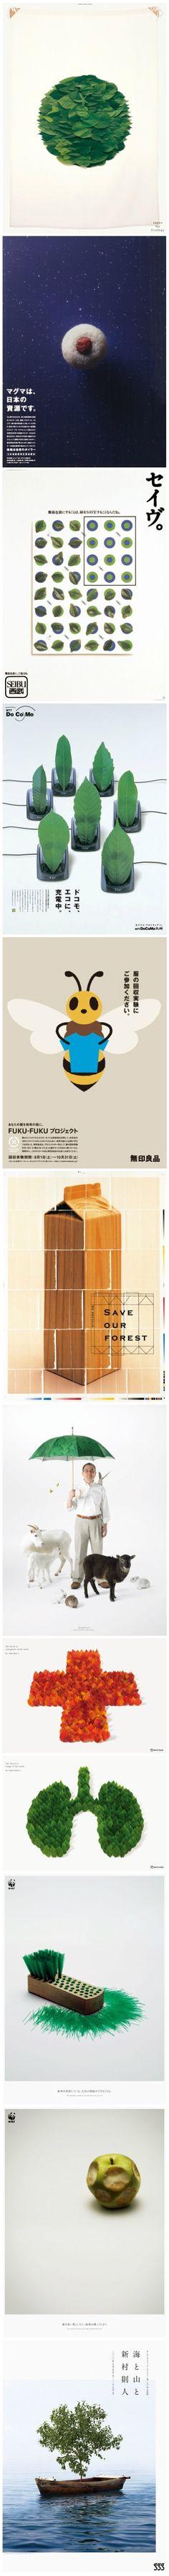 日本设计大师新村则人的海报 - 2 Poster Design, Ad Design, Flyer Design, Layout Design, Japan Graphic Design, Graphic Design Print, Graphic Design Inspiration, Type Posters, Poster Ads